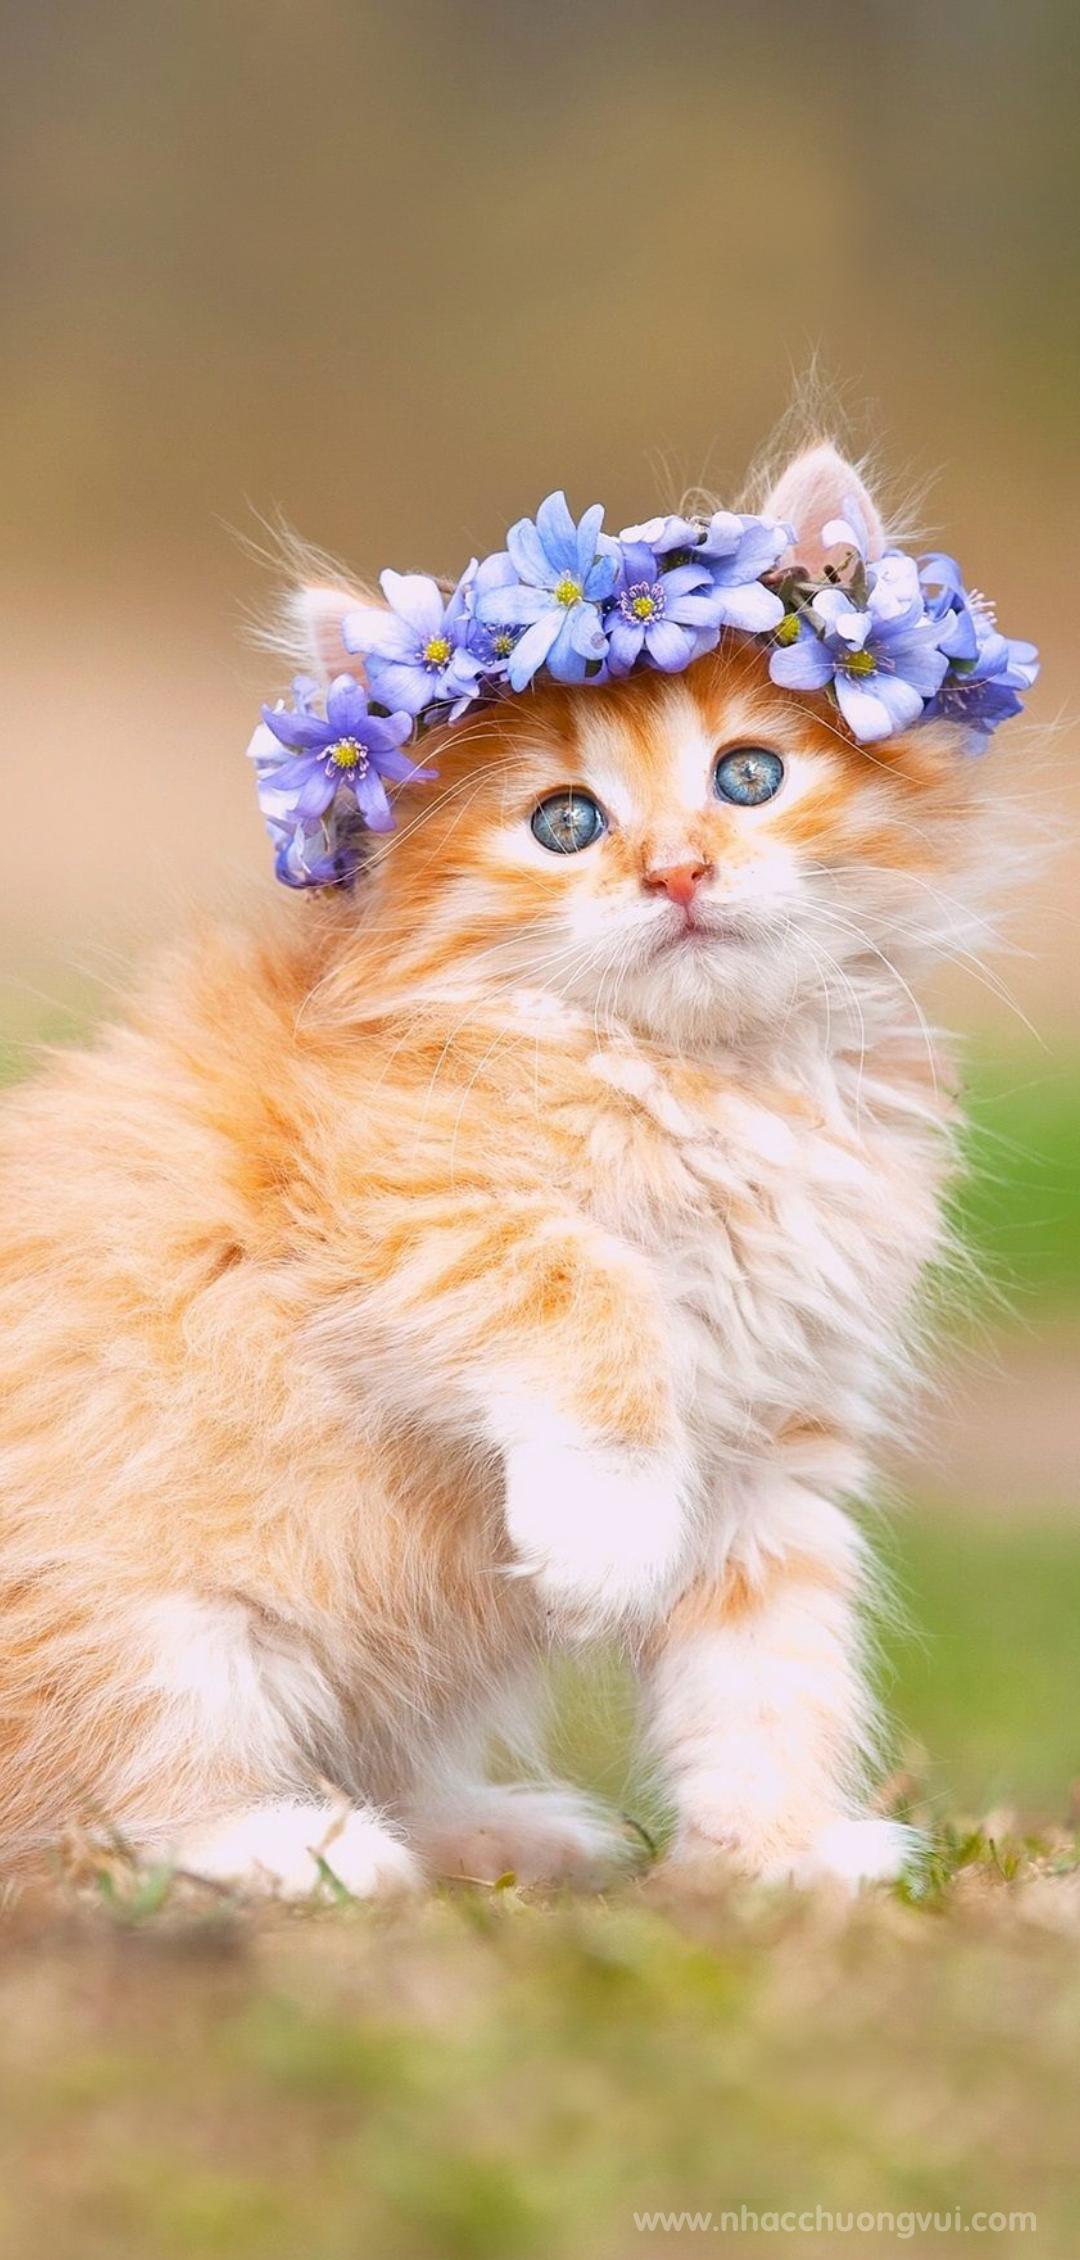 Hình nền mèo cho điện thoại dễ thương nhất 32